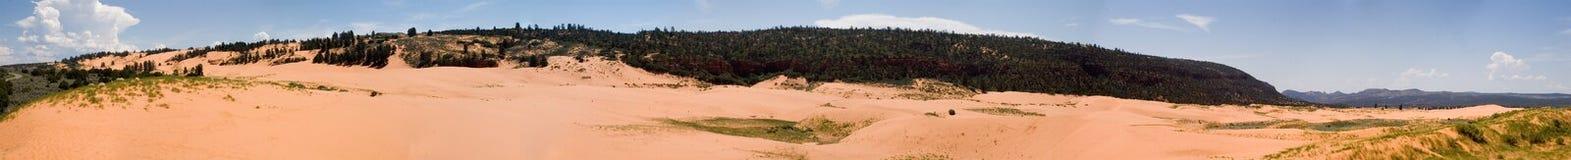 1个珊瑚全景公园粉红色沙子 免版税图库摄影